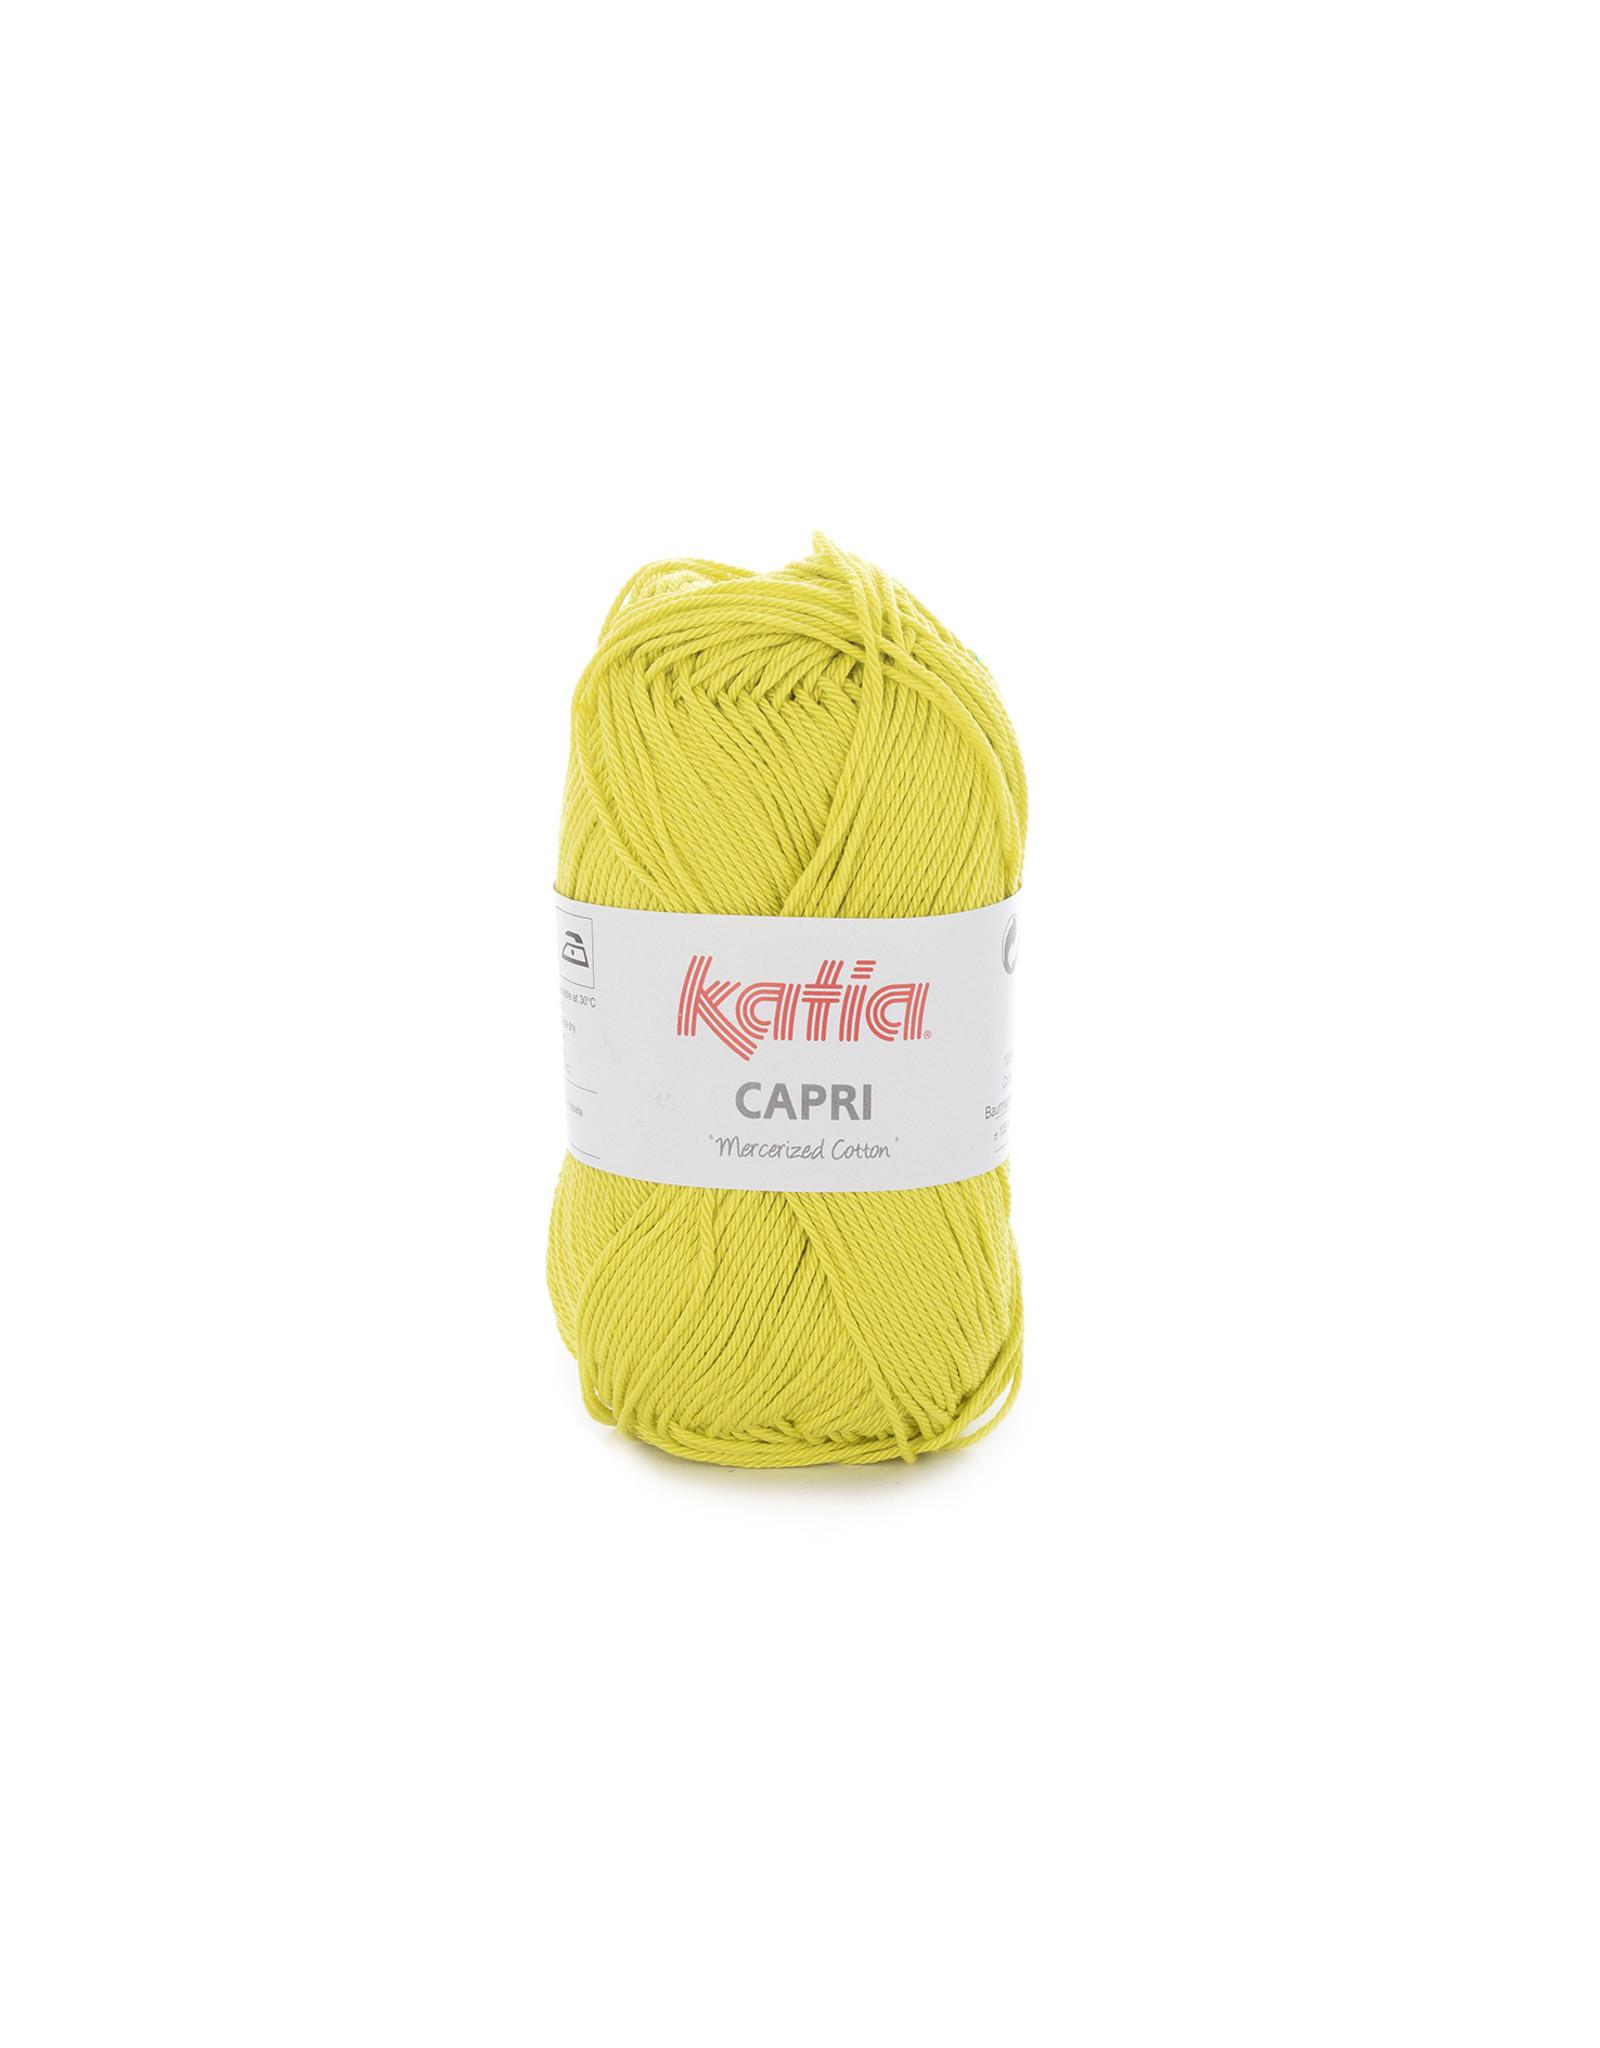 Katia Katia Capri - kleur 142 Licht pistache - 50 gr. = 125 m. - 100% katoen